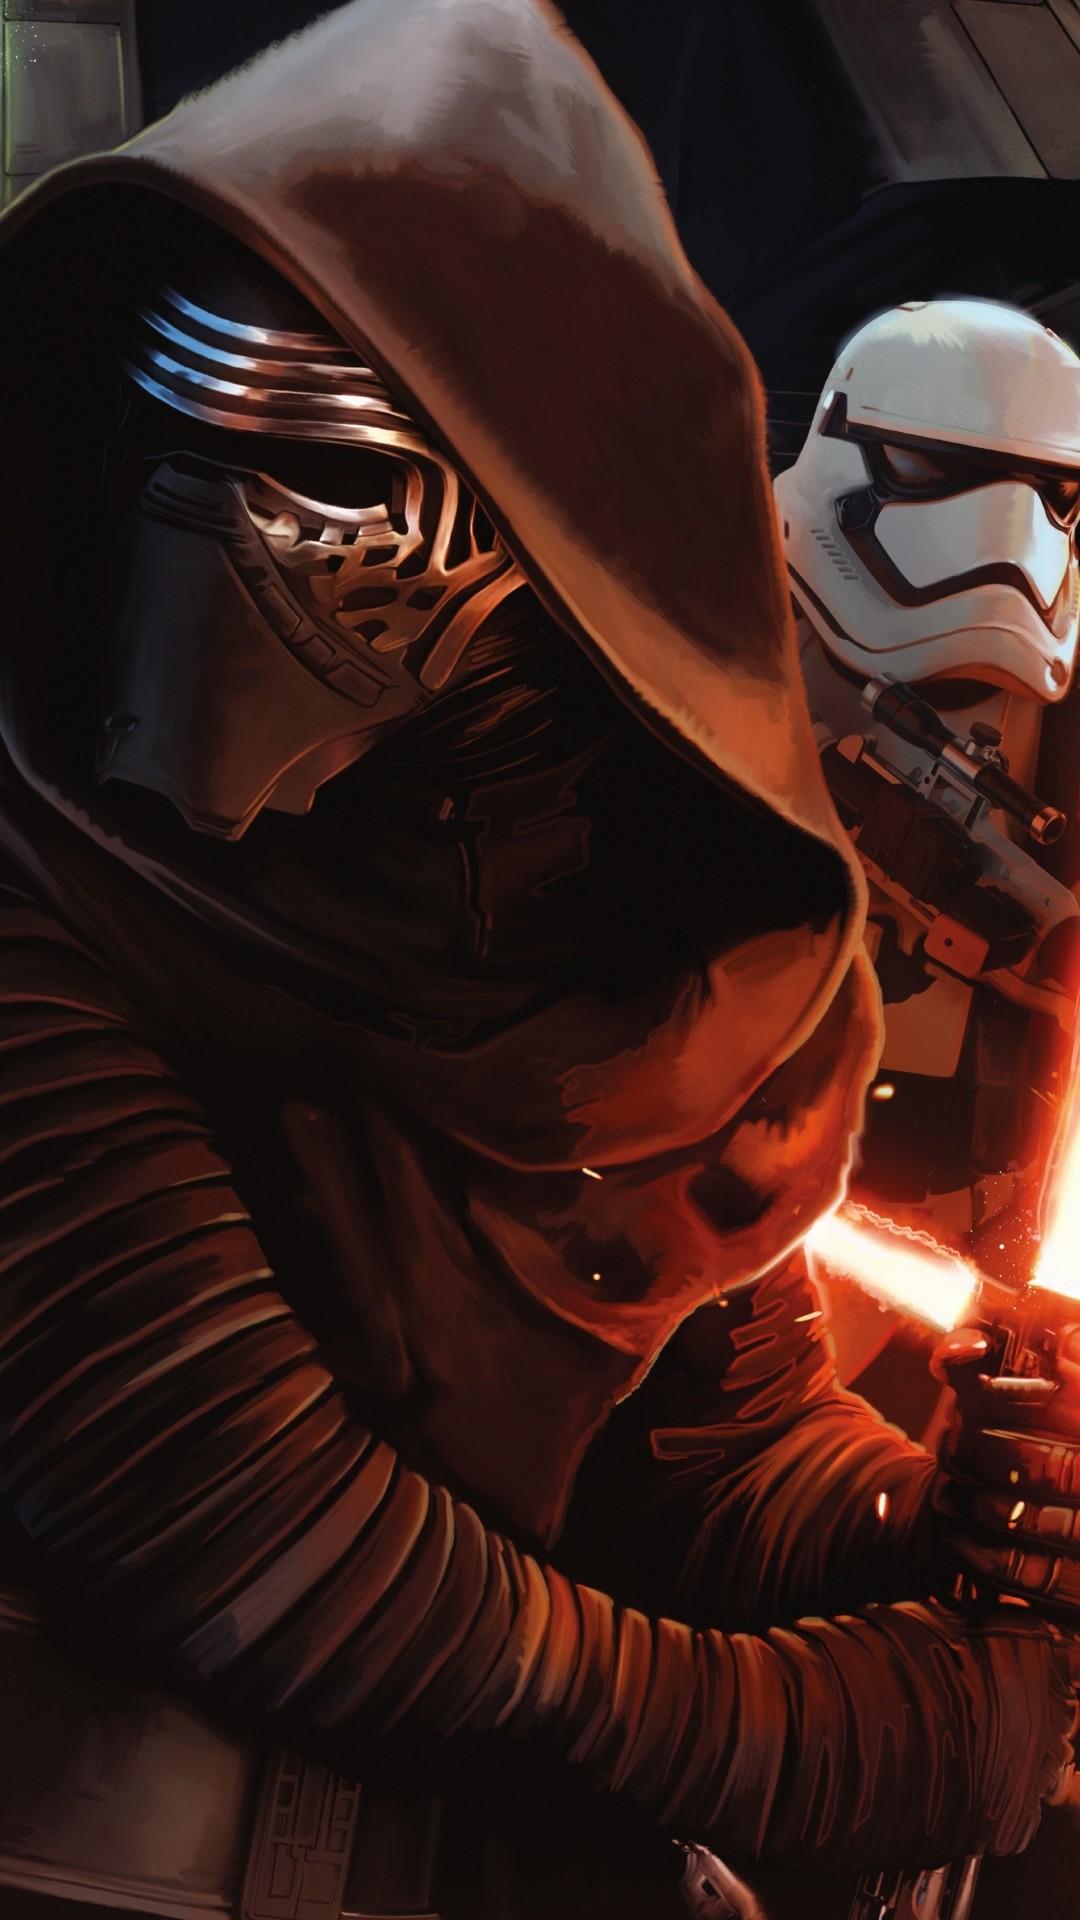 … Wallpaper Kylo Ren Stormtrooper. Download: iPhone